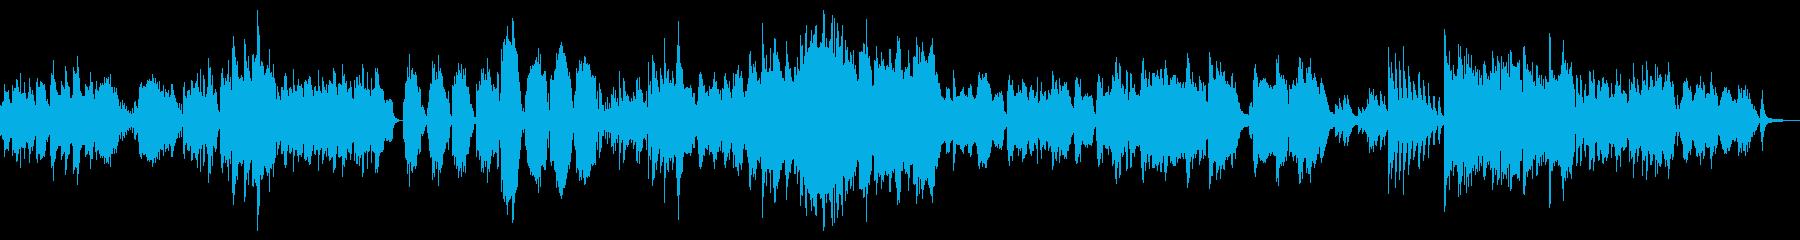 水をイメージさせるゆったりした曲の再生済みの波形